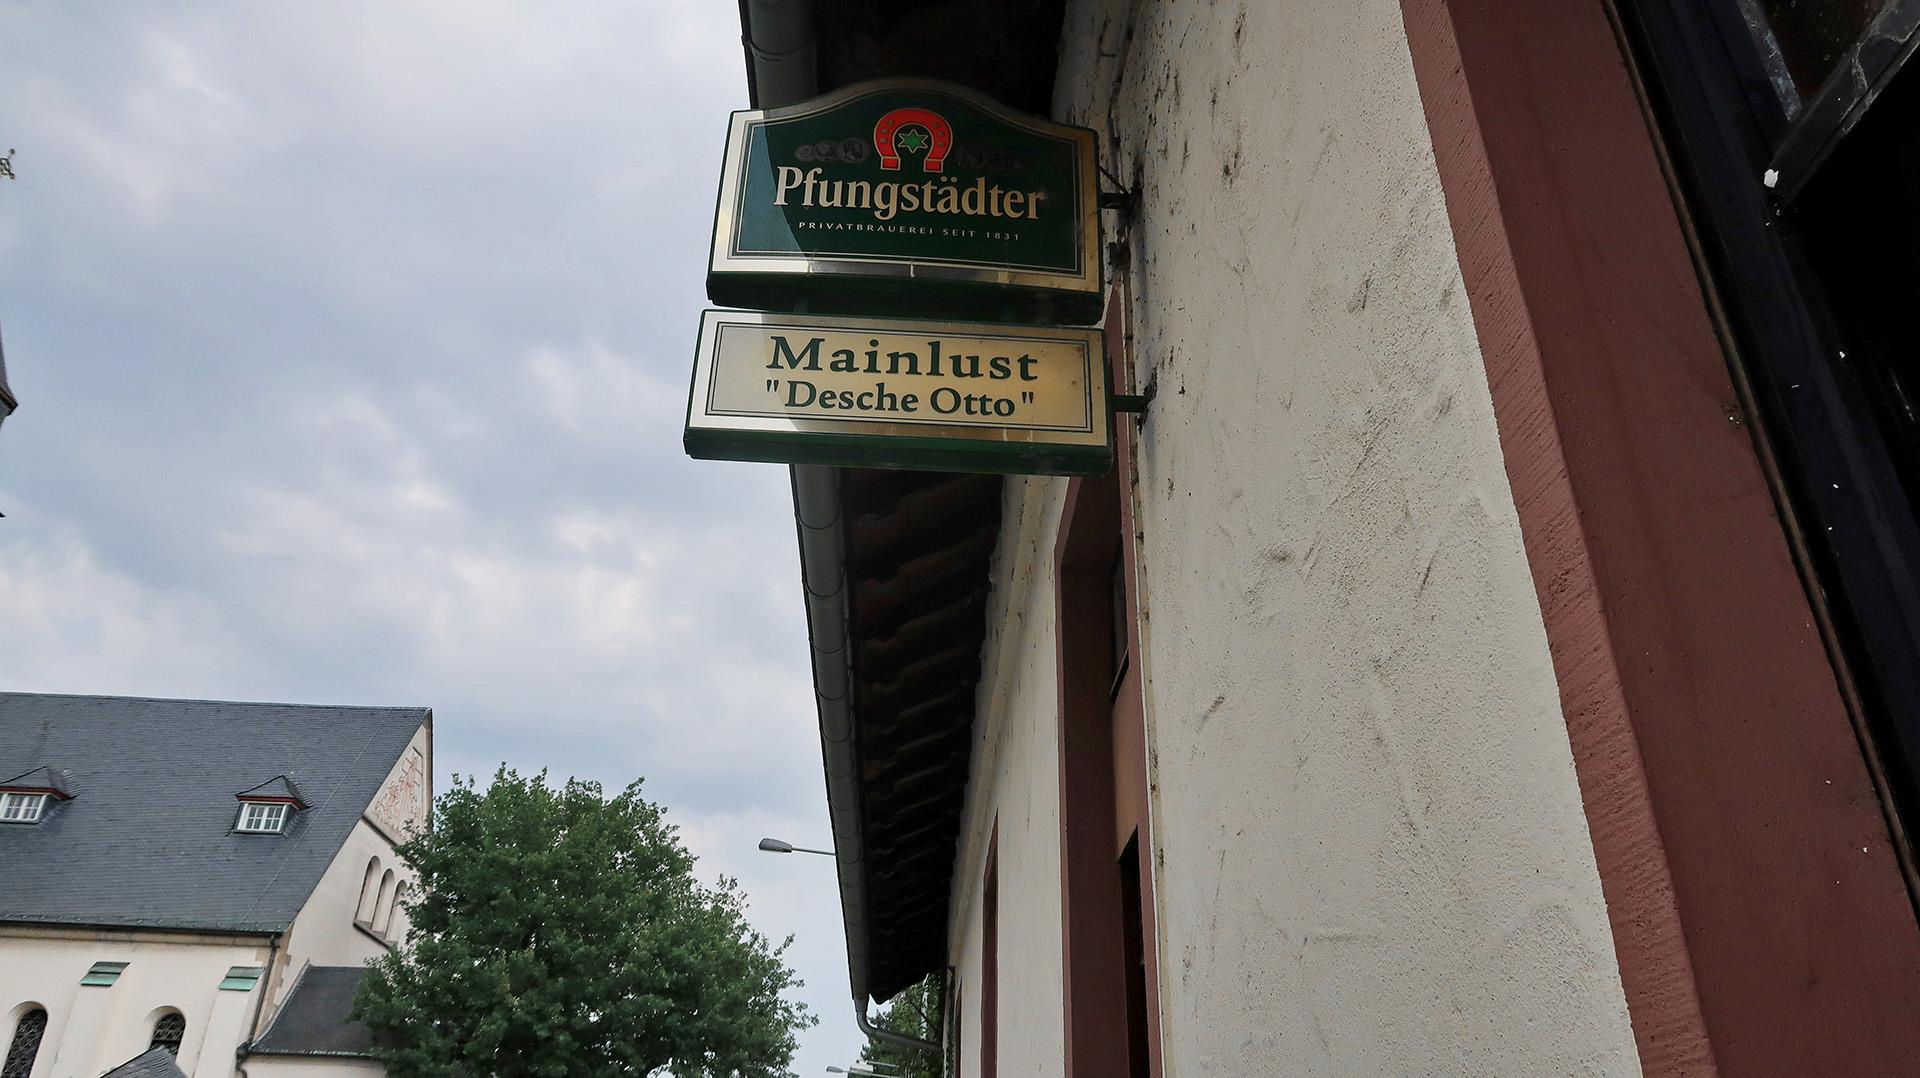 sway the way frankfurt mainlust desche otto restauracja8